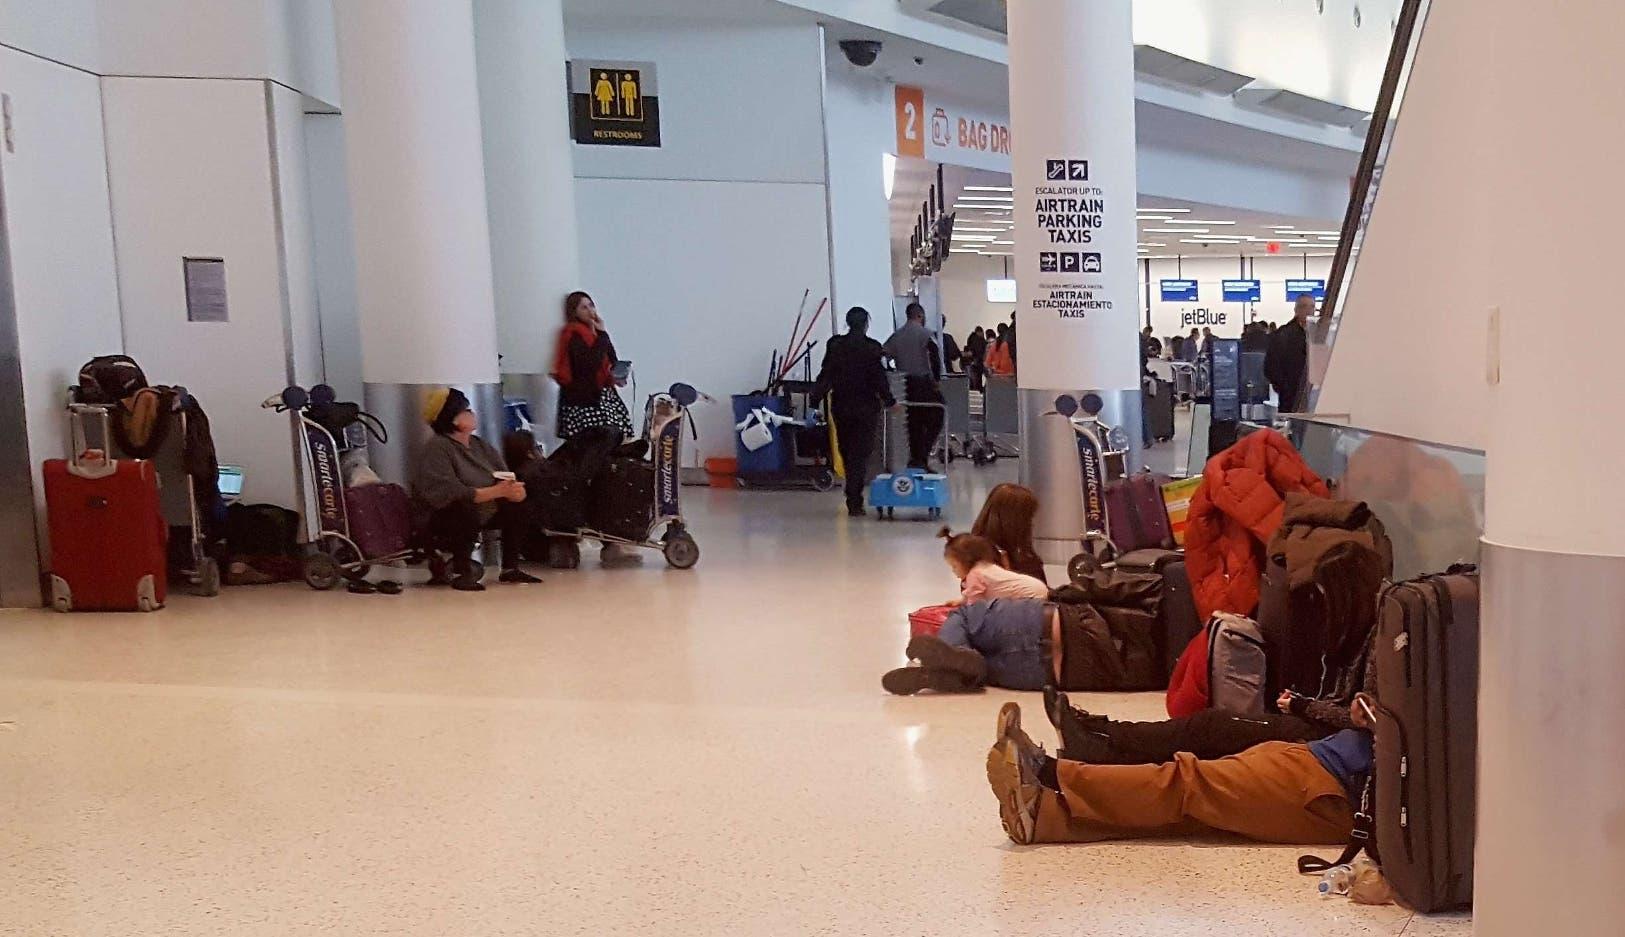 En el aeropuerto de JFK  se puede  ver a numerosos viajeros durmiendo o esperando una oportunidad para viajar a su destino final.